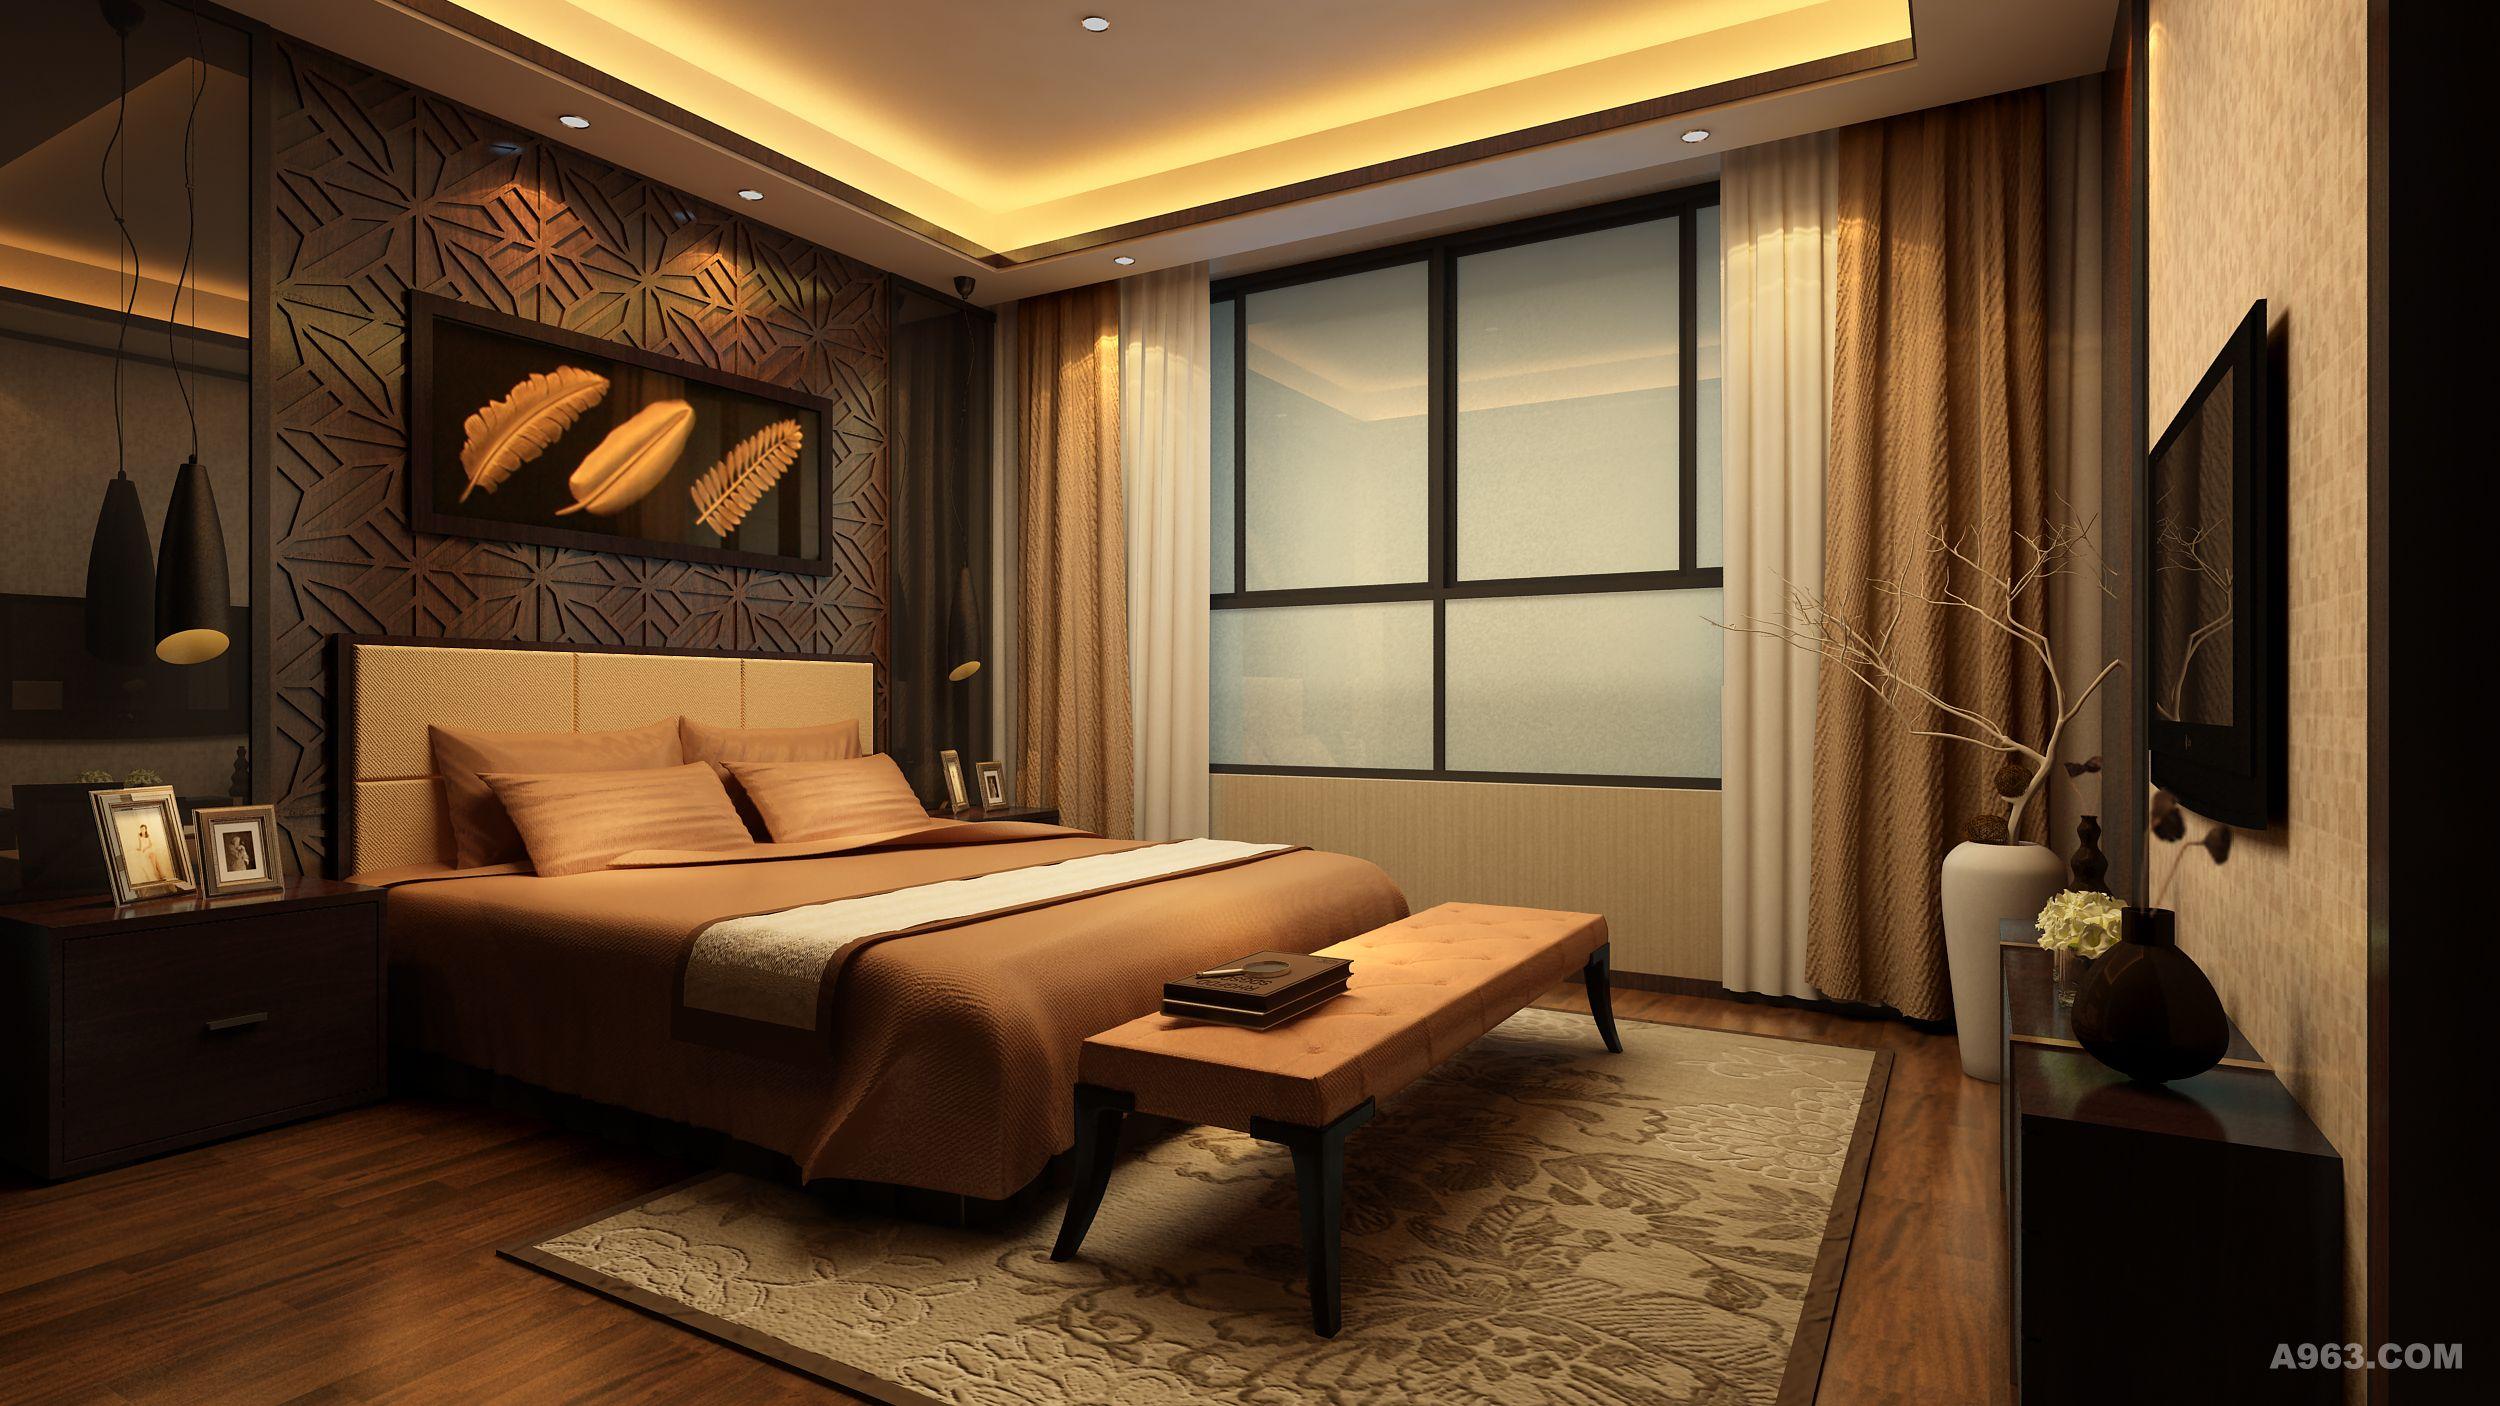 背景墙 房间 家居 酒店 设计 卧室 卧室装修 现代 装修 2500_1406